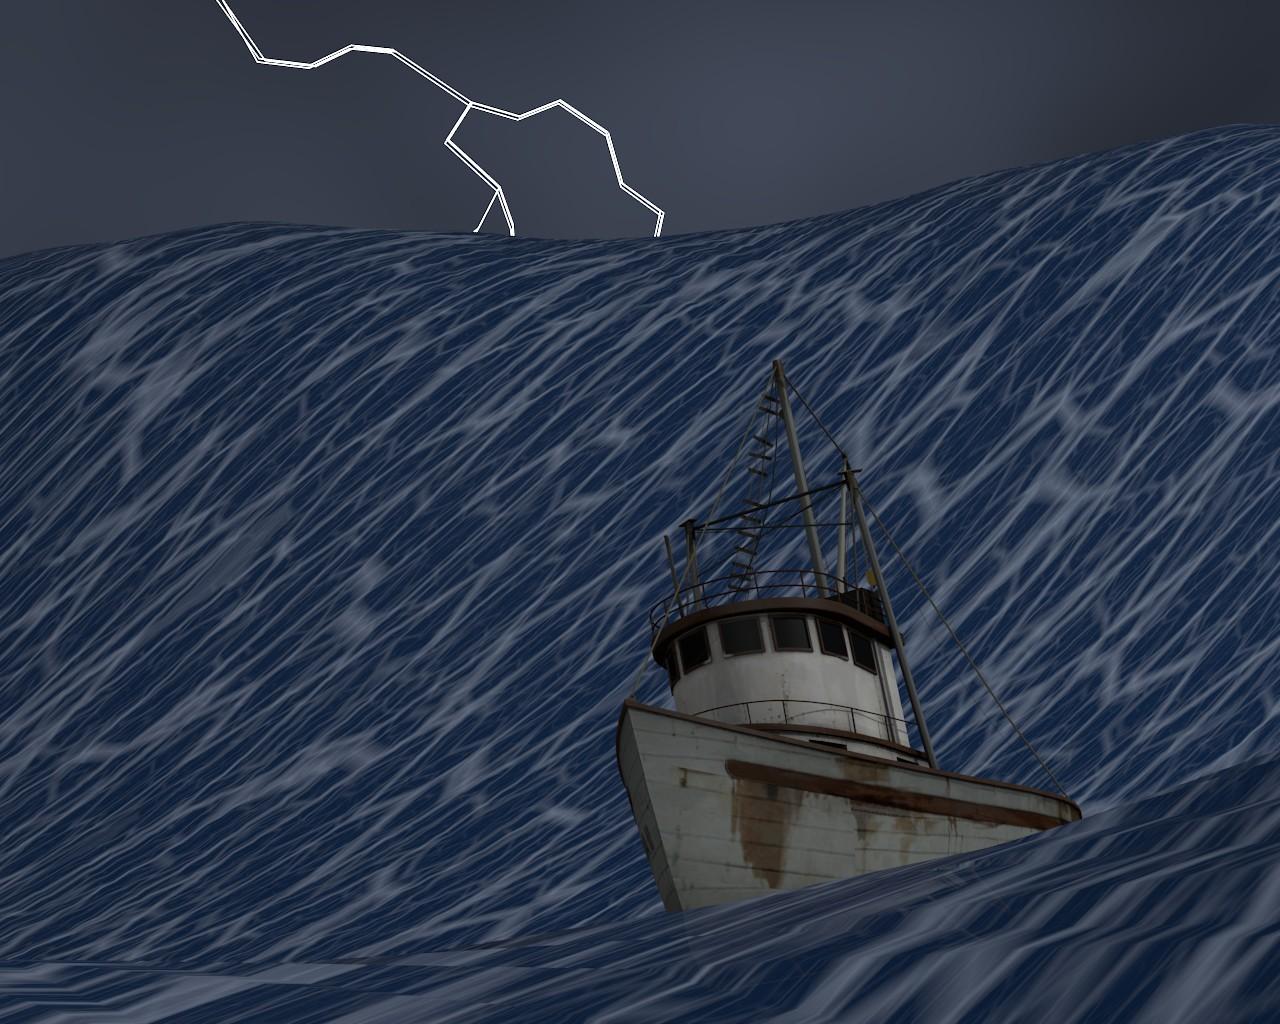 Au coeur de la temp te polygone for Dans un petit bateau